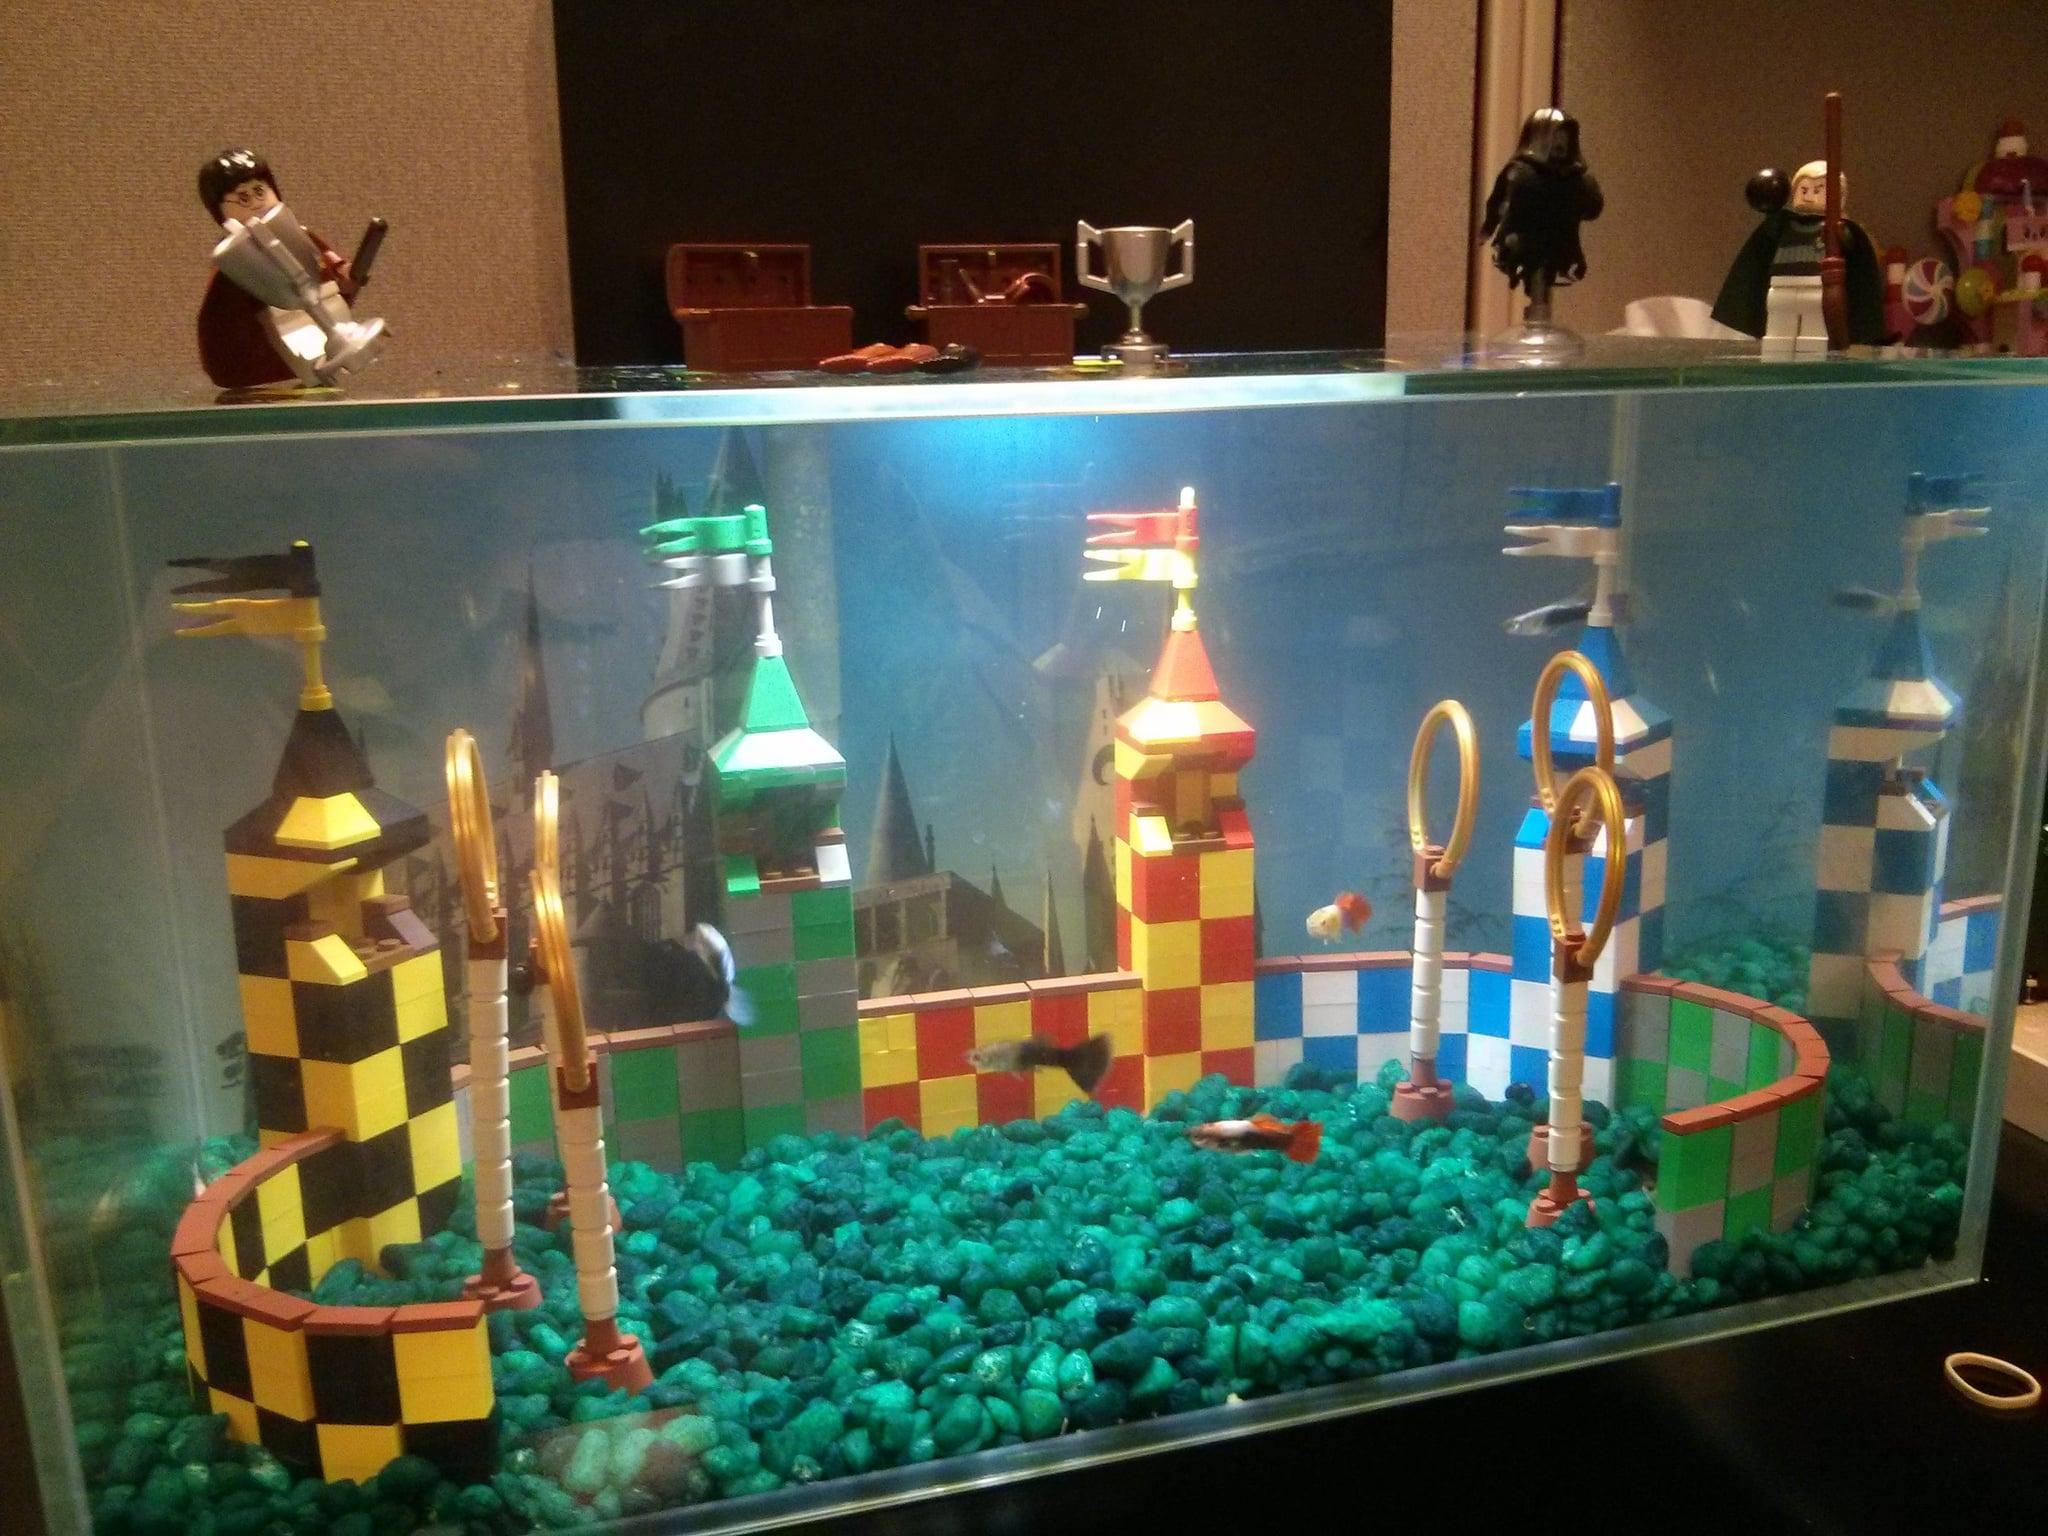 """""""My Lego Quidditch Aquarium at my Office."""" Source: Reddit user kst8er via Imgur"""